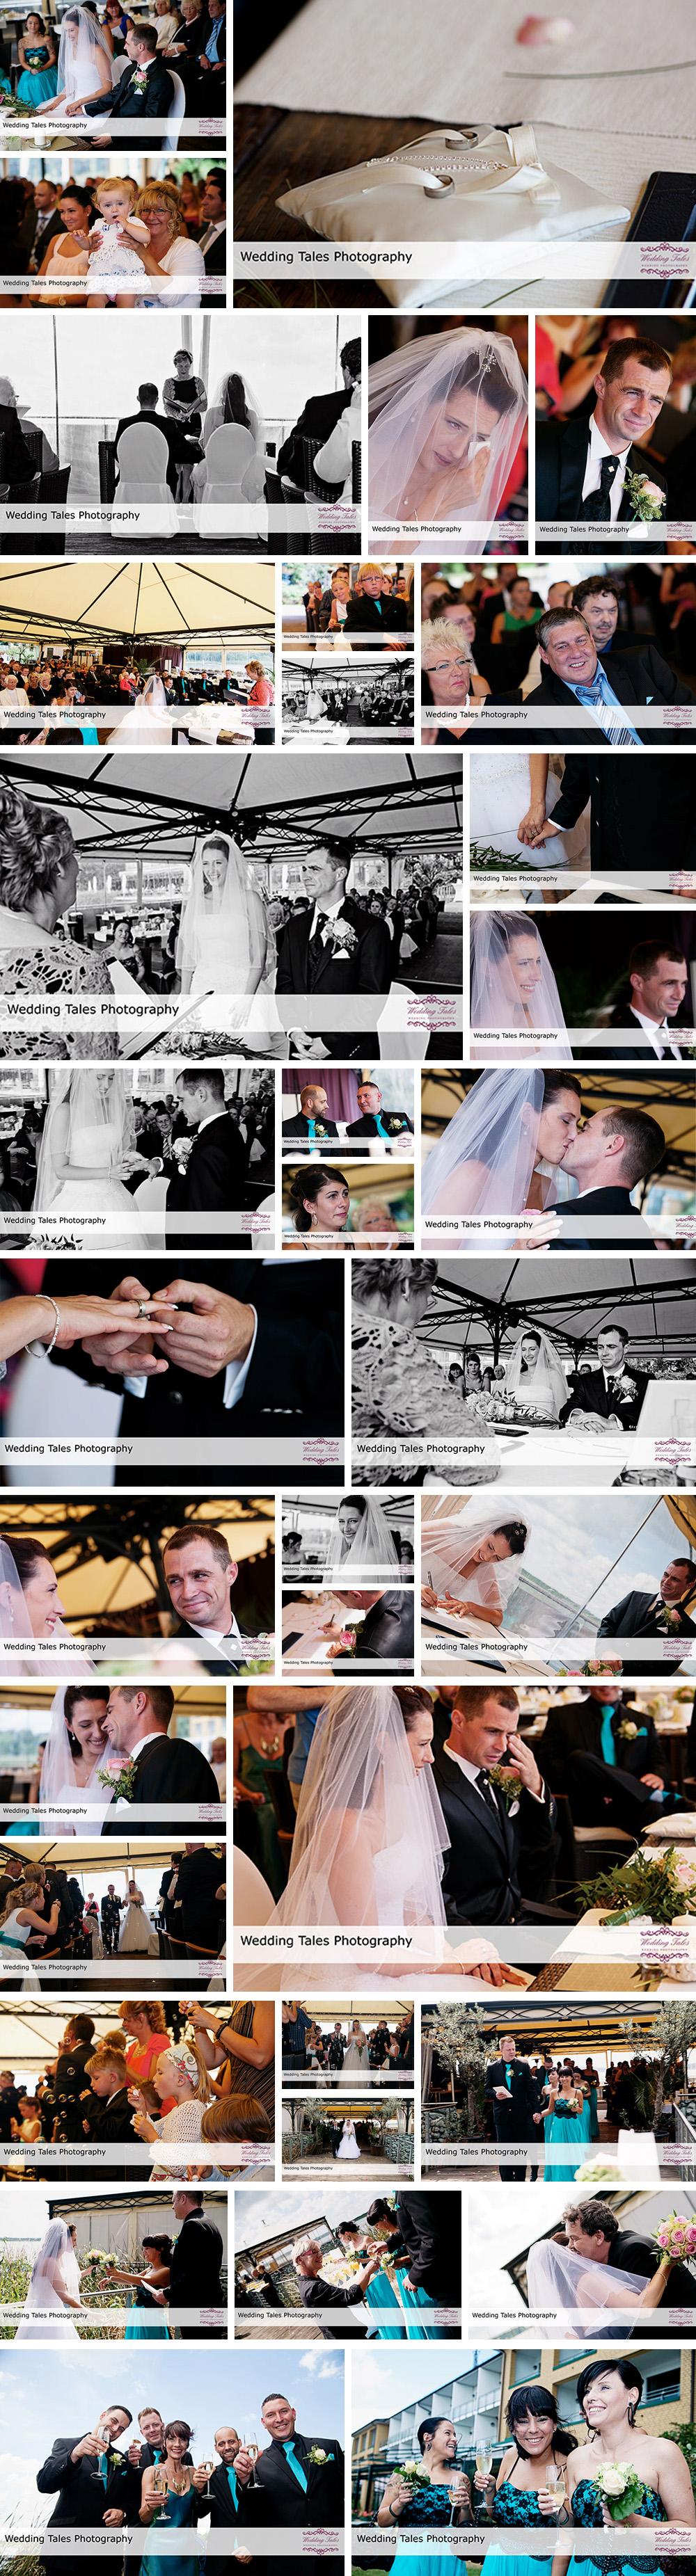 Hochzeitsreportage Insel Falkenstein Rangsdorf bei Berlin, Hotel Seebad Casino, Trauung, Hochzeitsfotograf Berlin